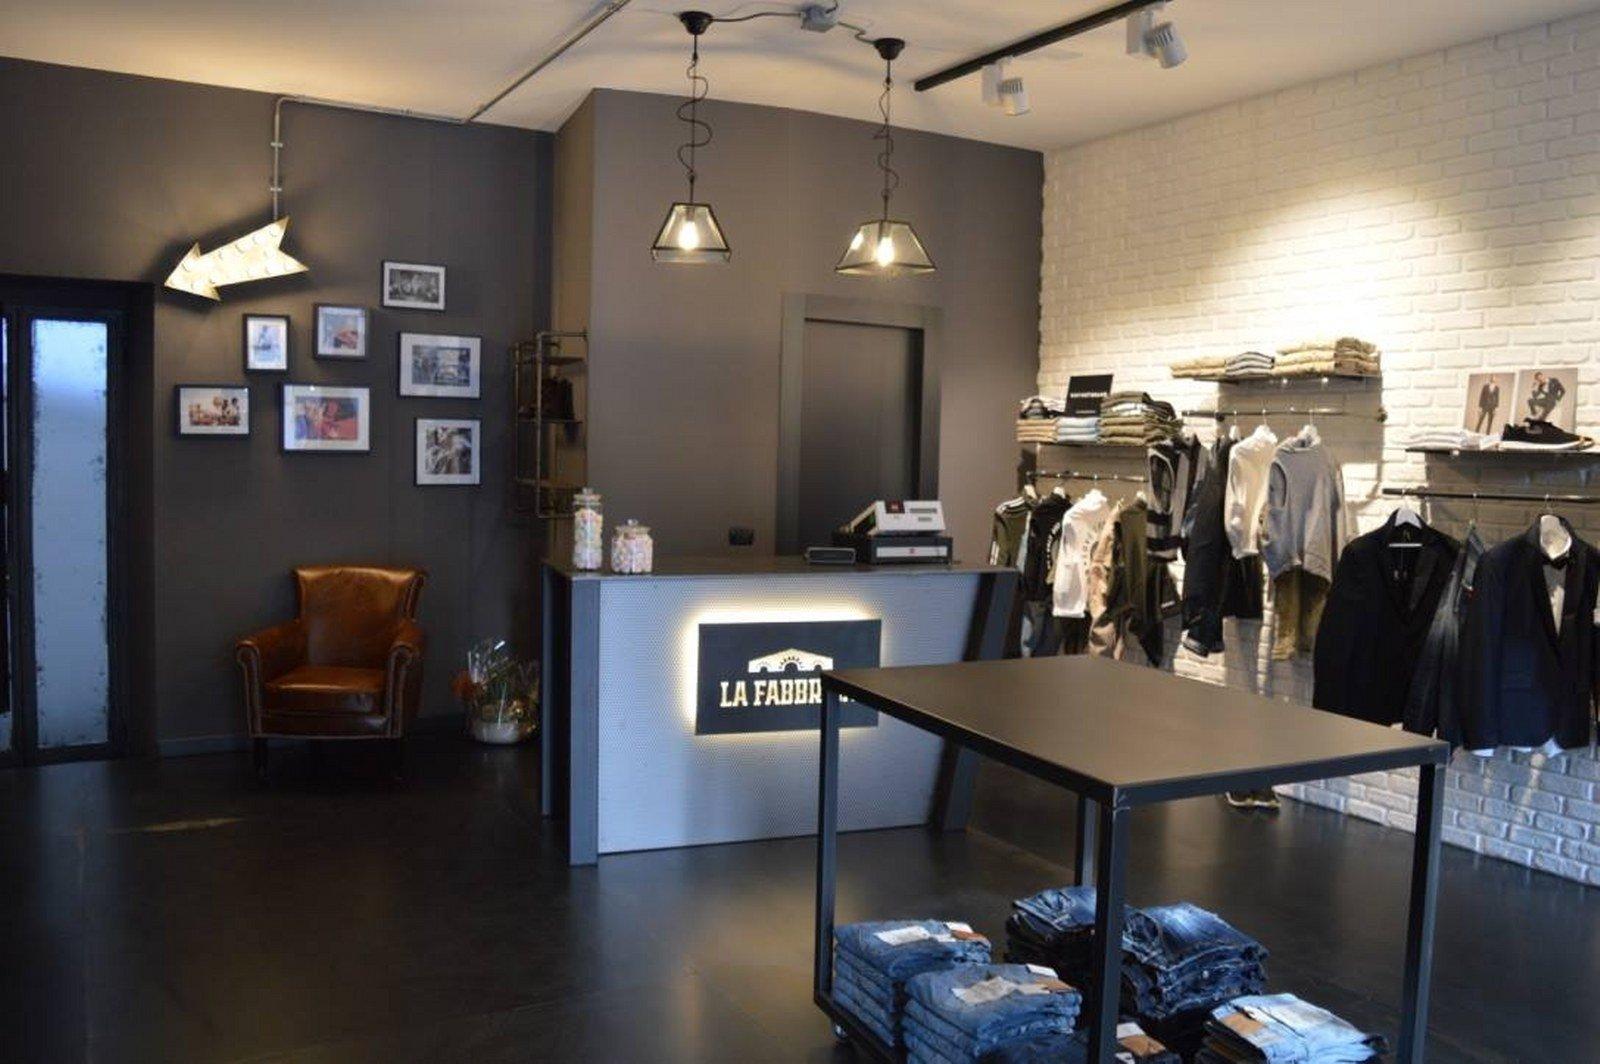 negozio d'abbigliamento con bancone e tavoli in strutture di ferro